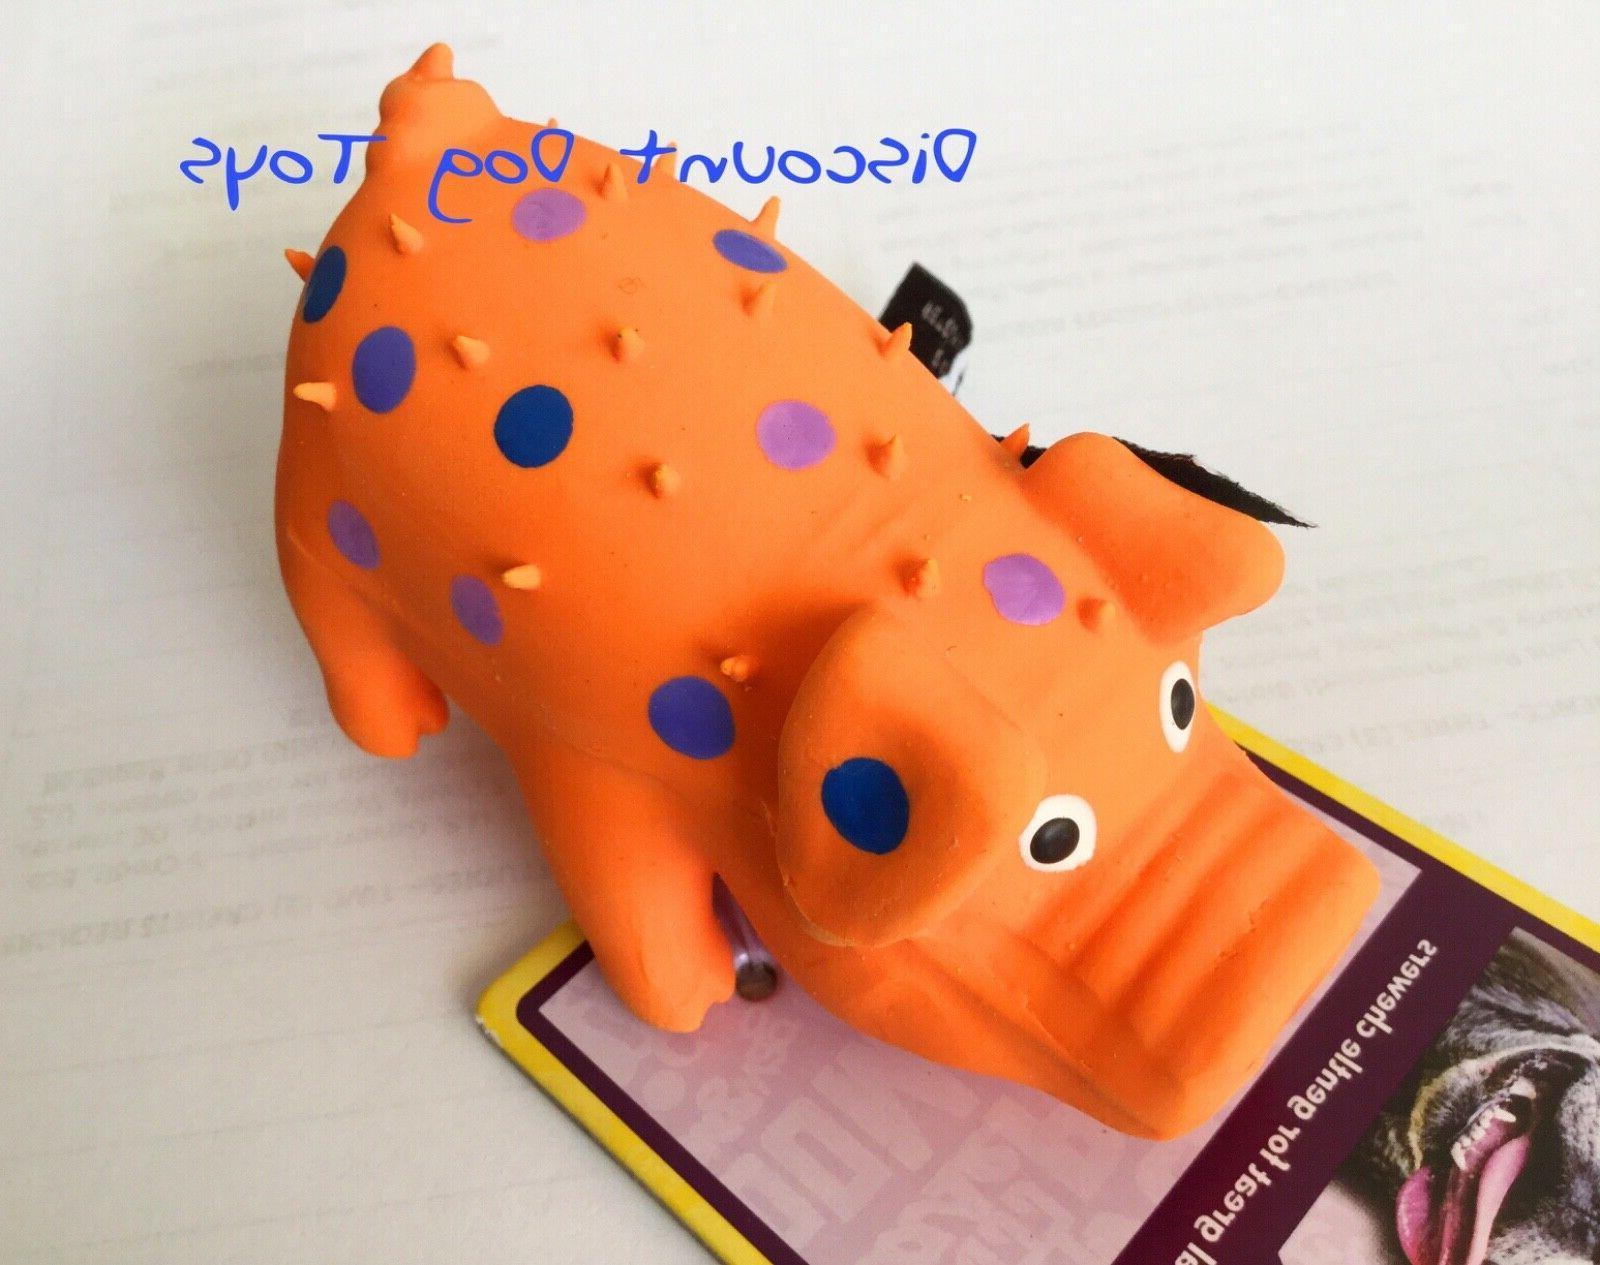 Multipet Globlet Pig Squeaker Dog Toy Globlets Pigs 4 inch M